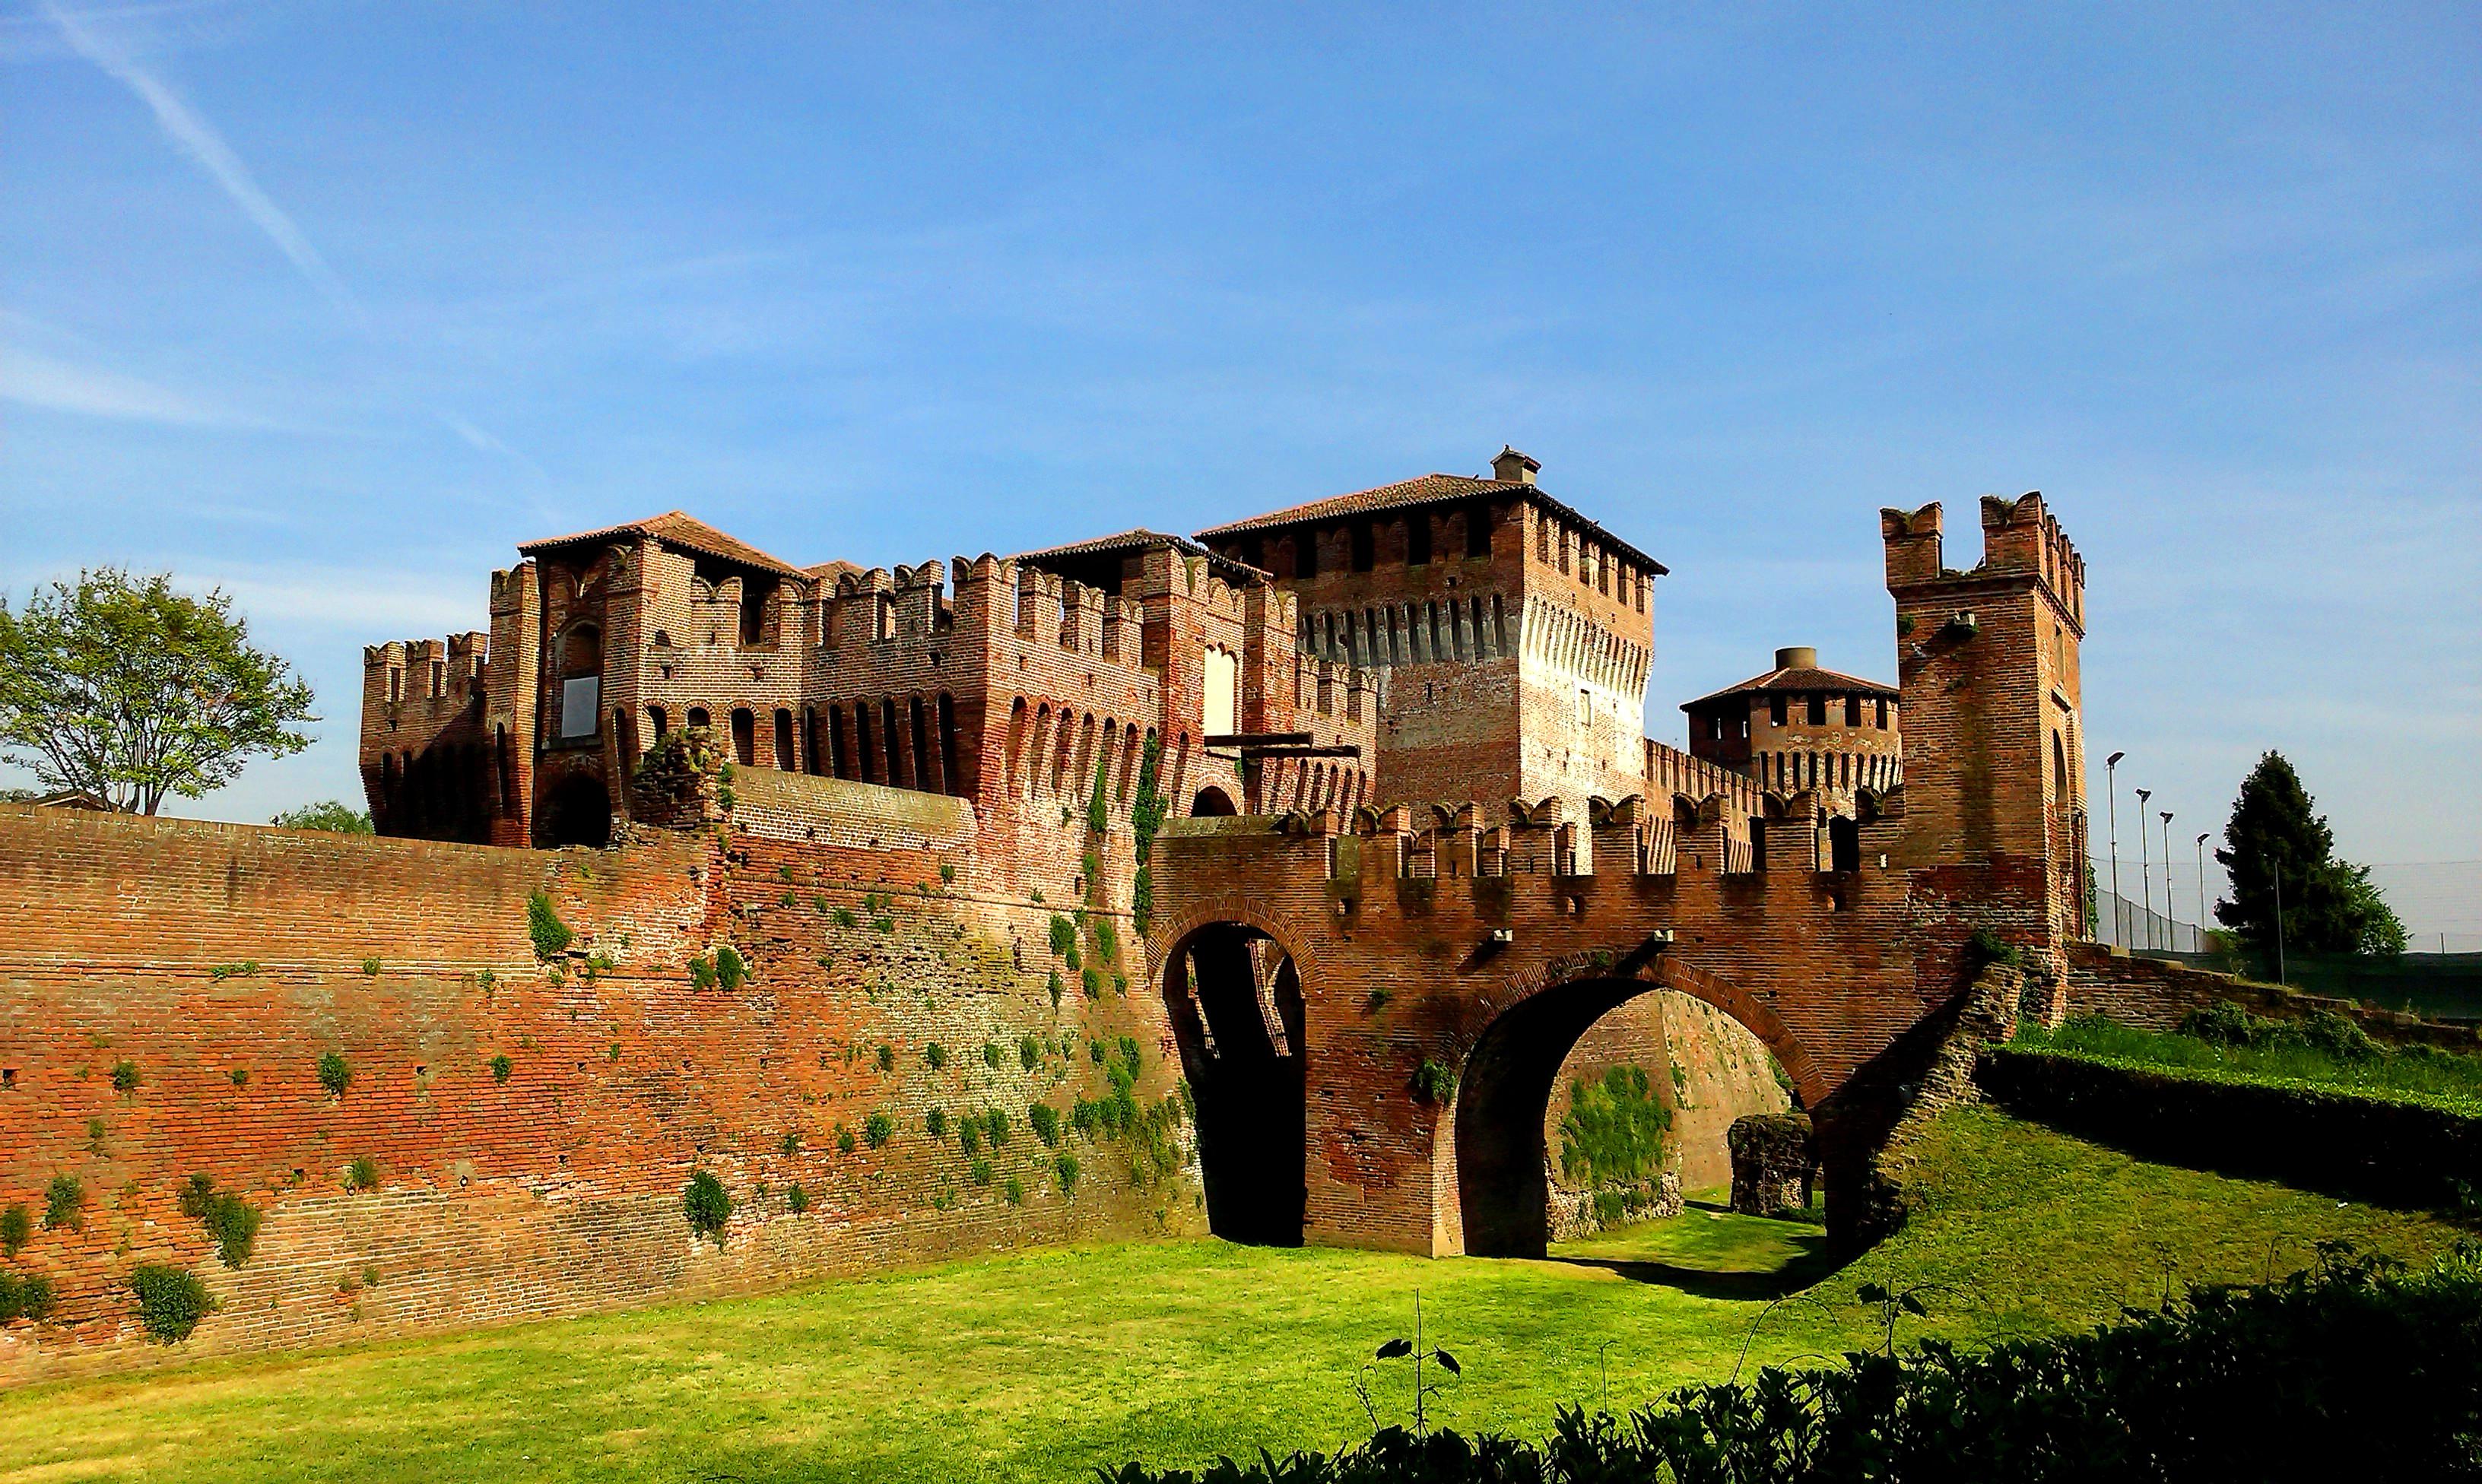 Una domenica nel castello di Soncino